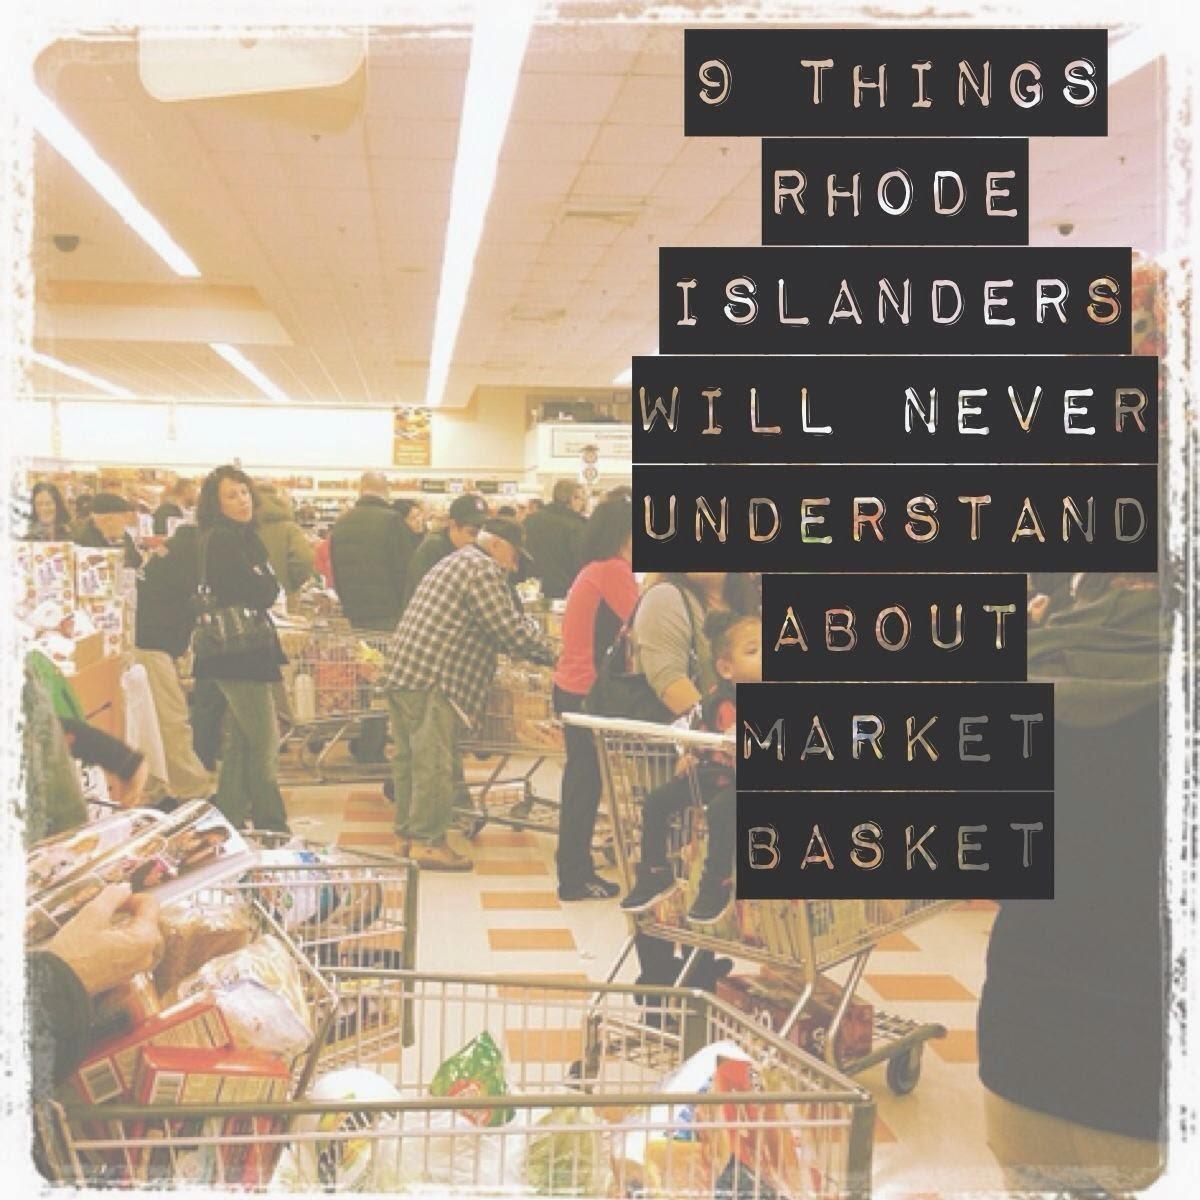 Market Basket Drama